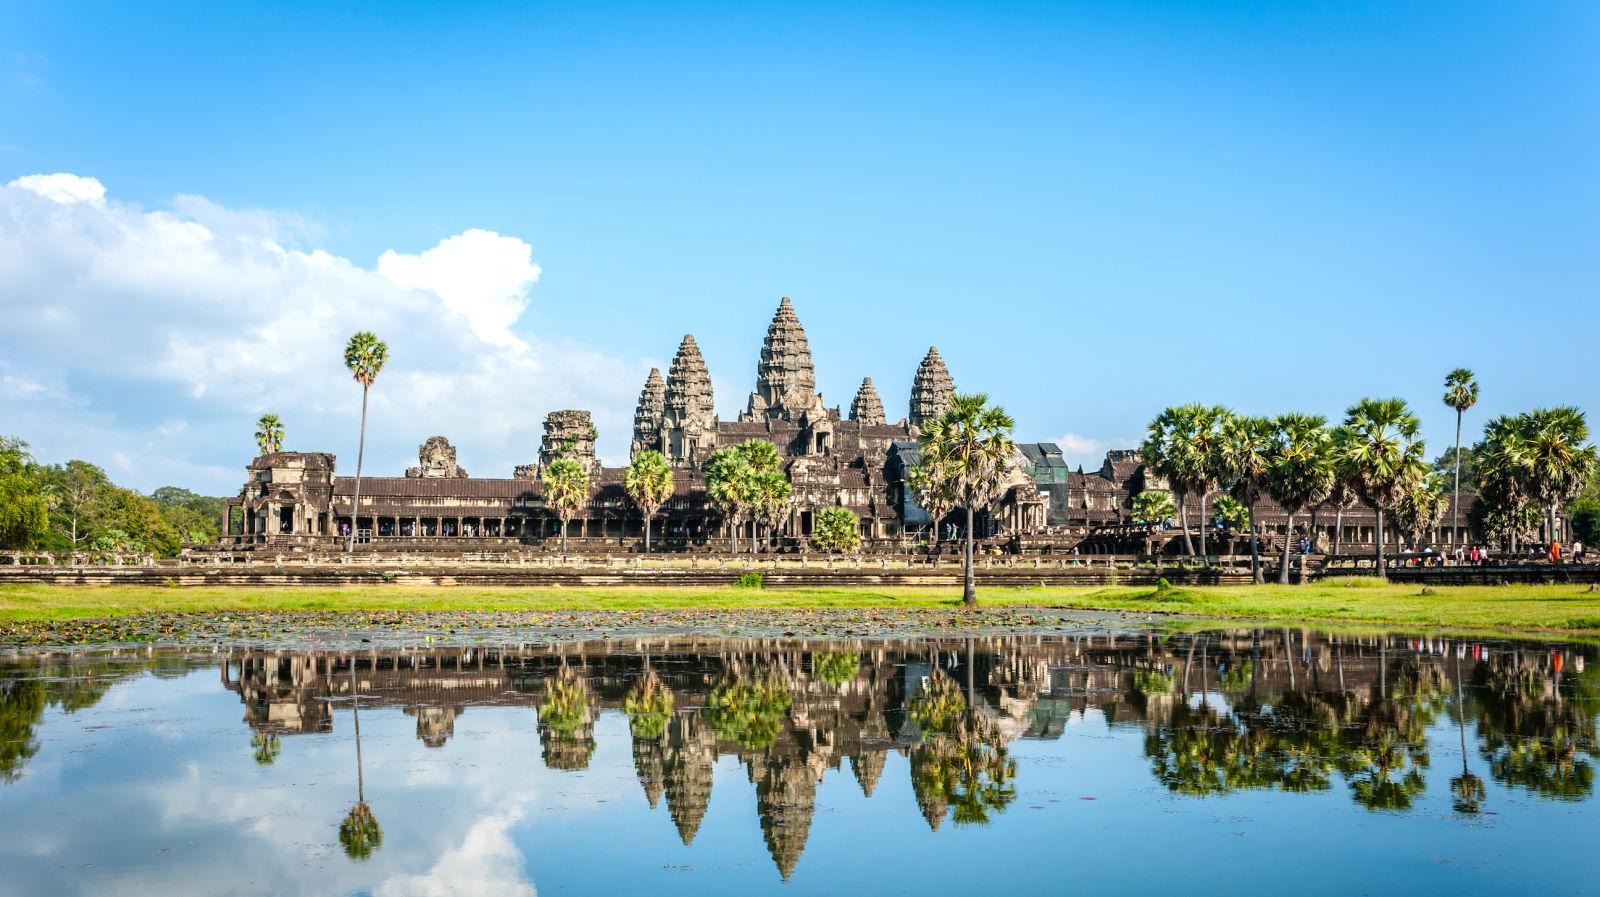 Angkor Wat, Asia, Cambodia